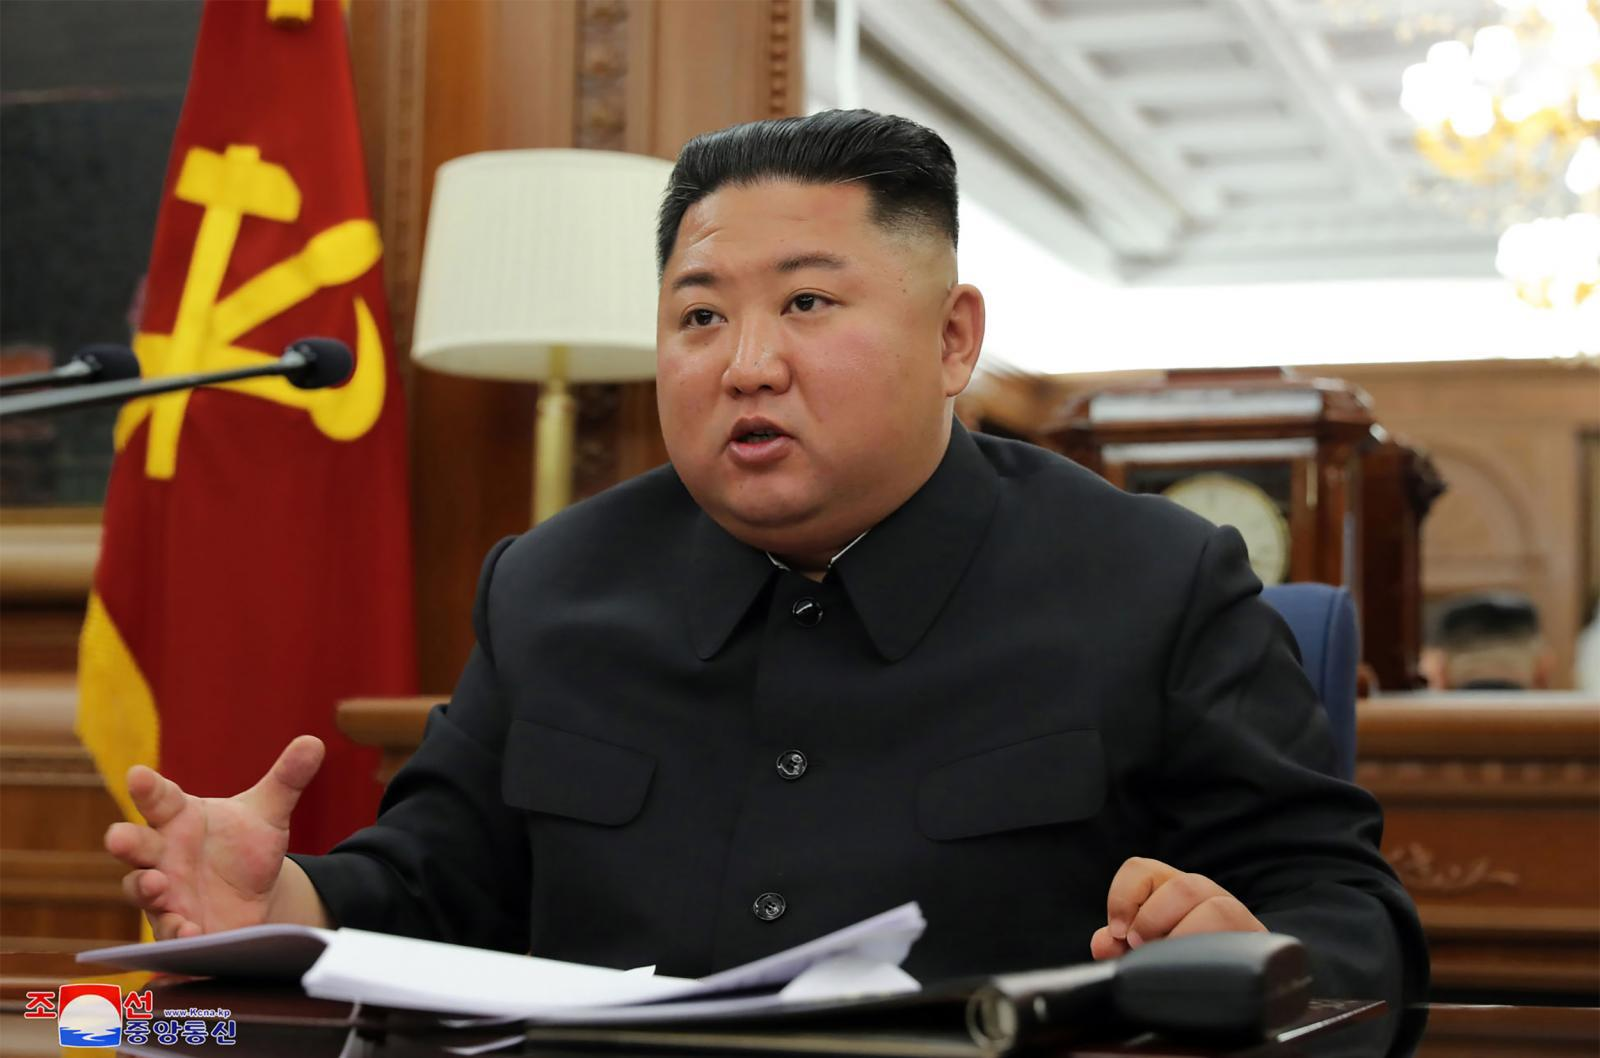 ผู้นำเกาหลีเหนือ จัดประชุมจนท.ทหารระดับสูง เล็งยกระดับกองทัพ